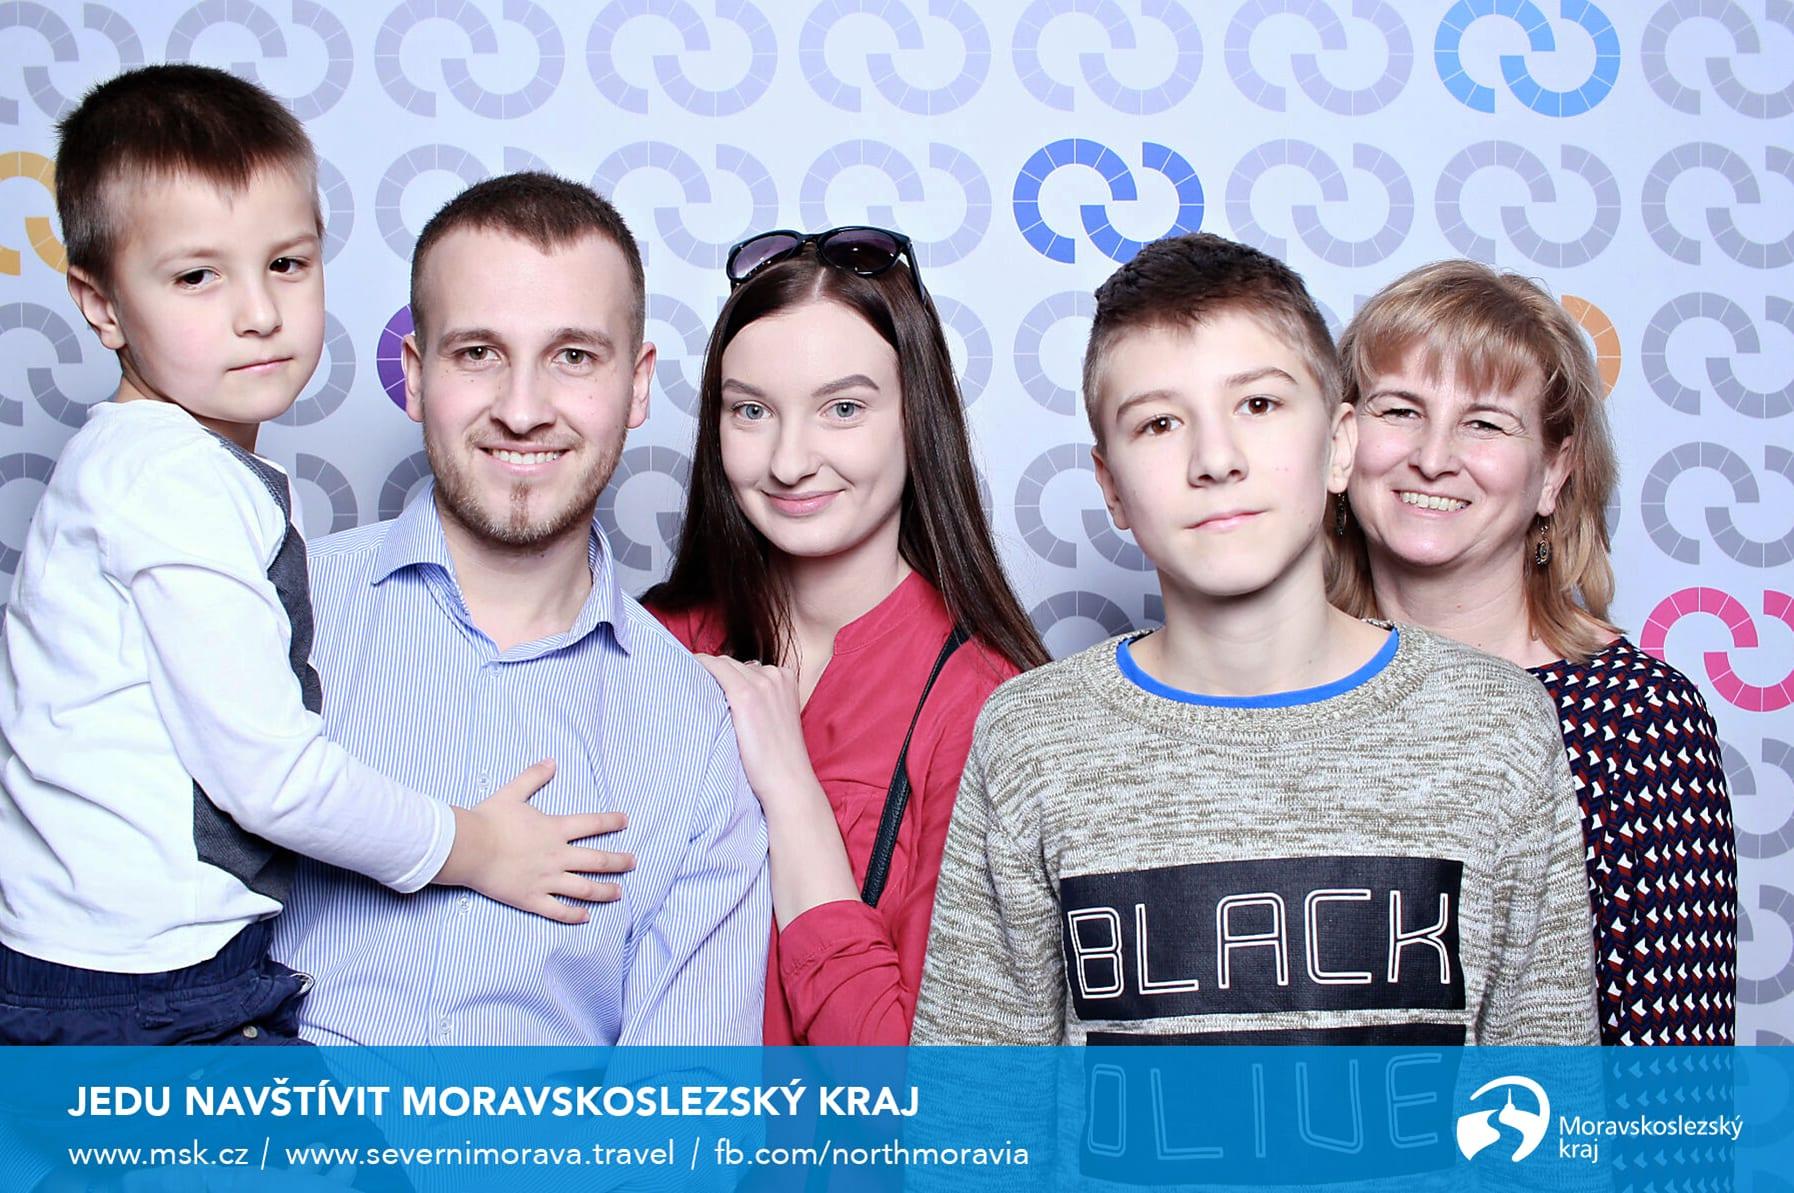 fotokoutek-msk-19-1-2019-569179